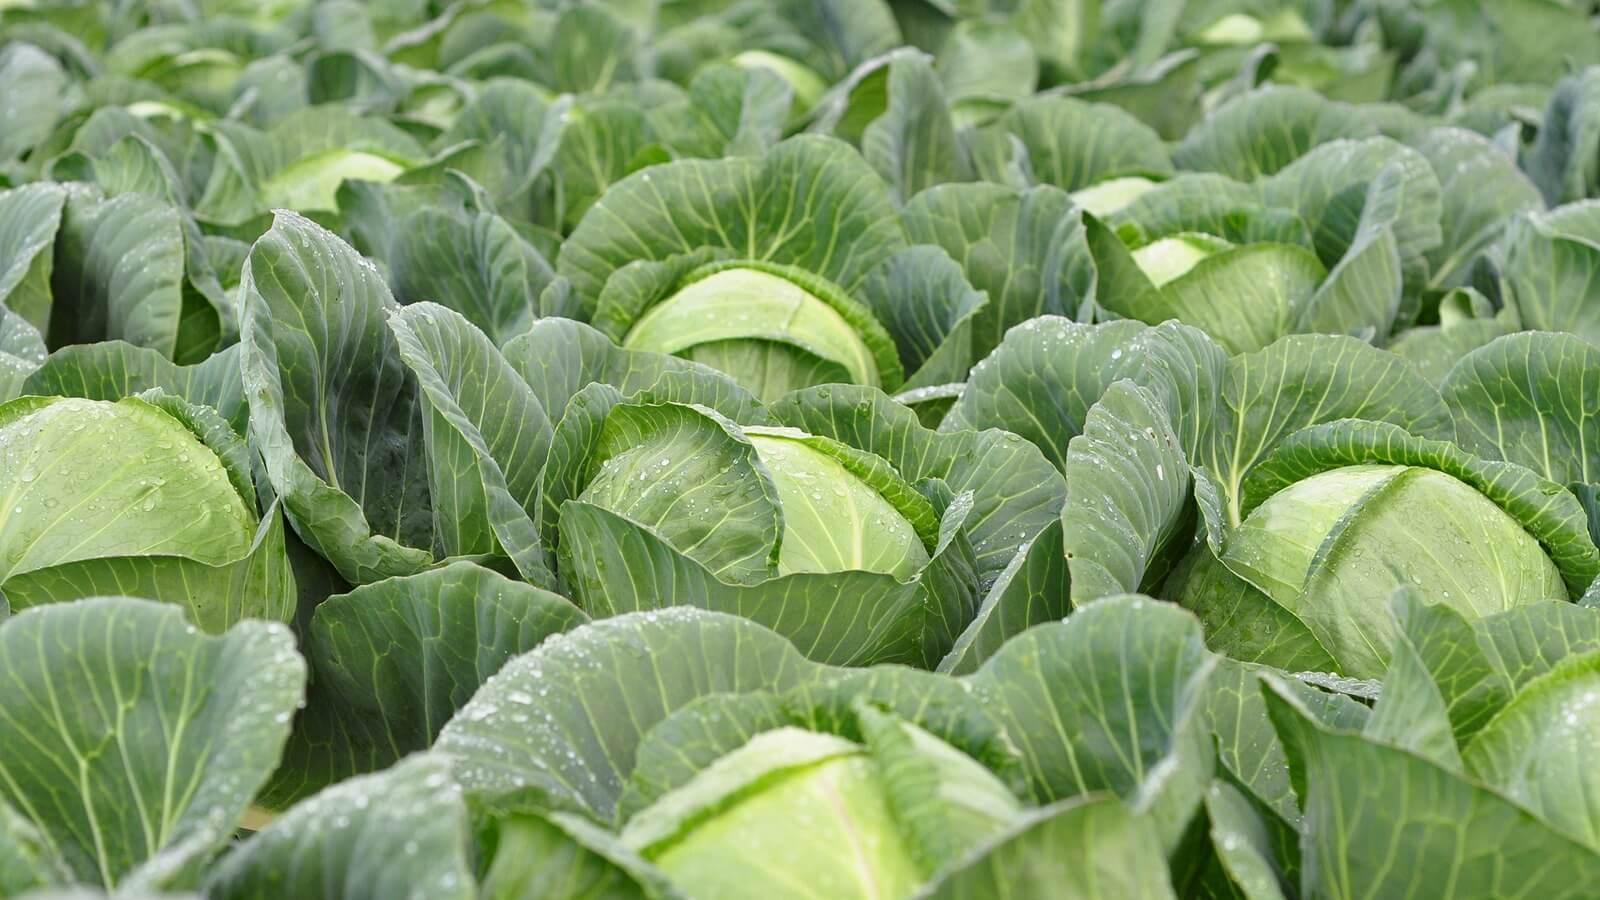 самые лучшие сорта капусты на 2021 год: вкусные и урожайные для разных регионов фото